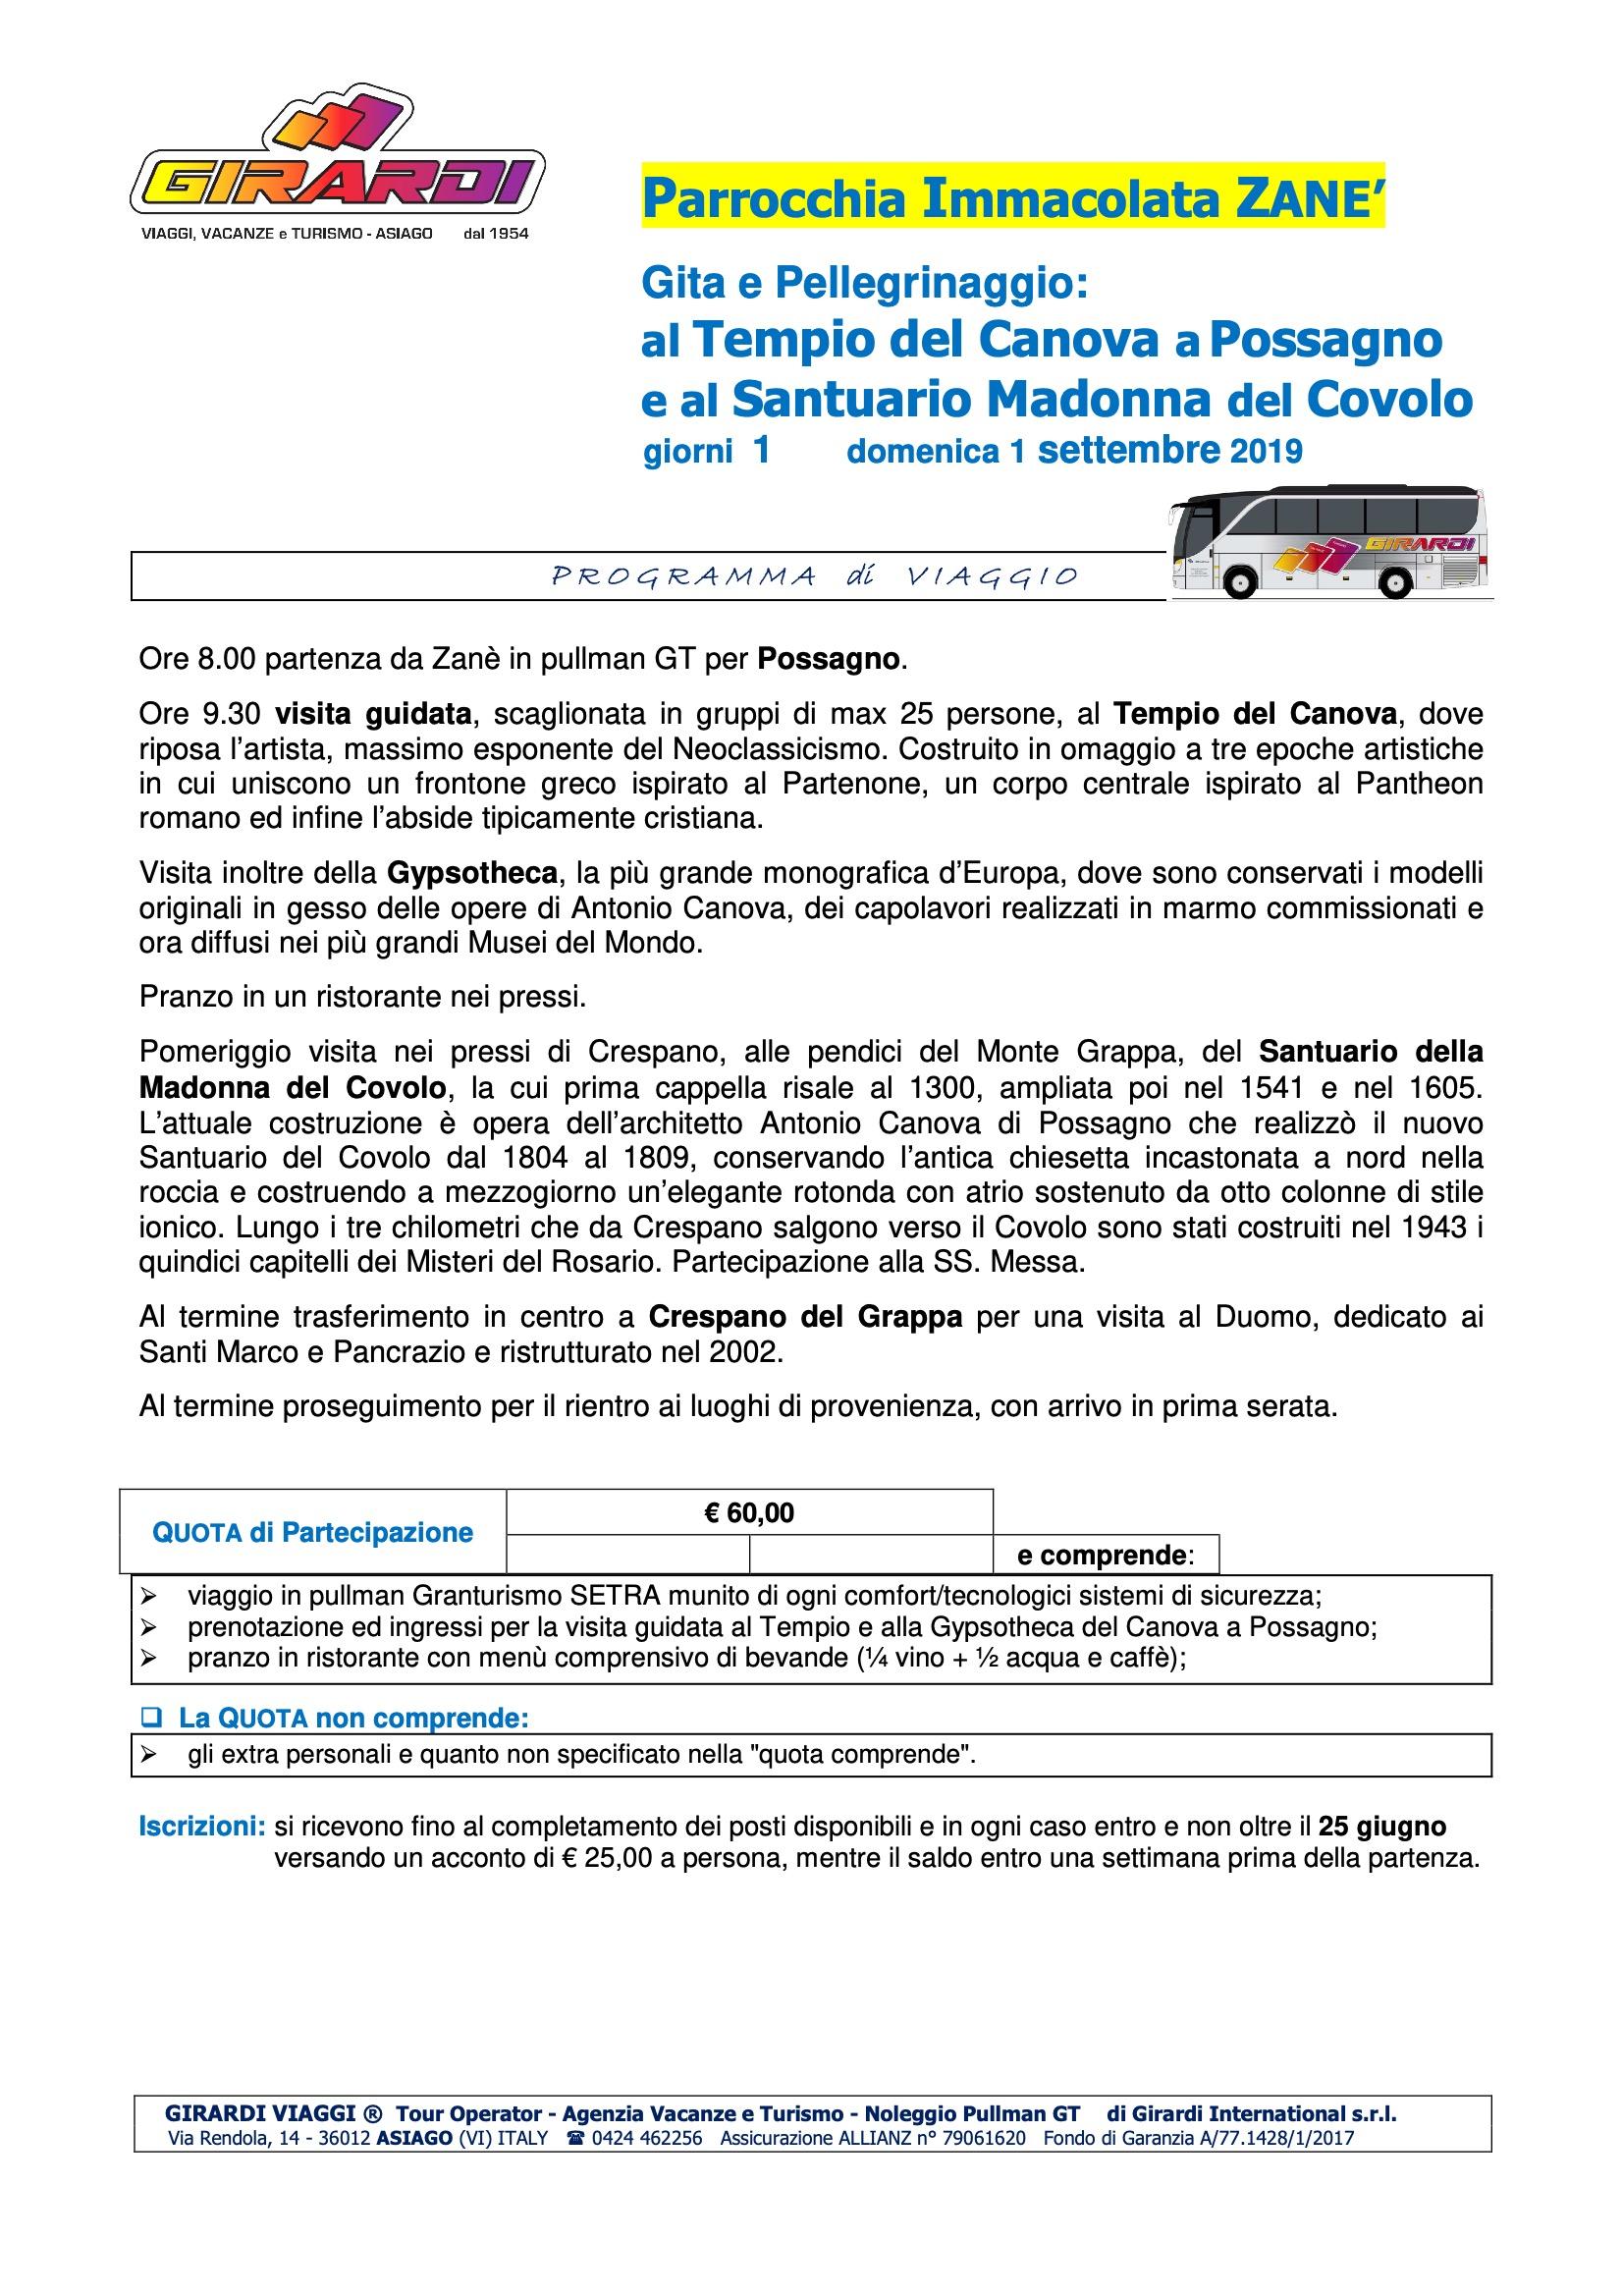 Possagno e Santuario Madonna del Covolo gg. 1 don Lucio (1)